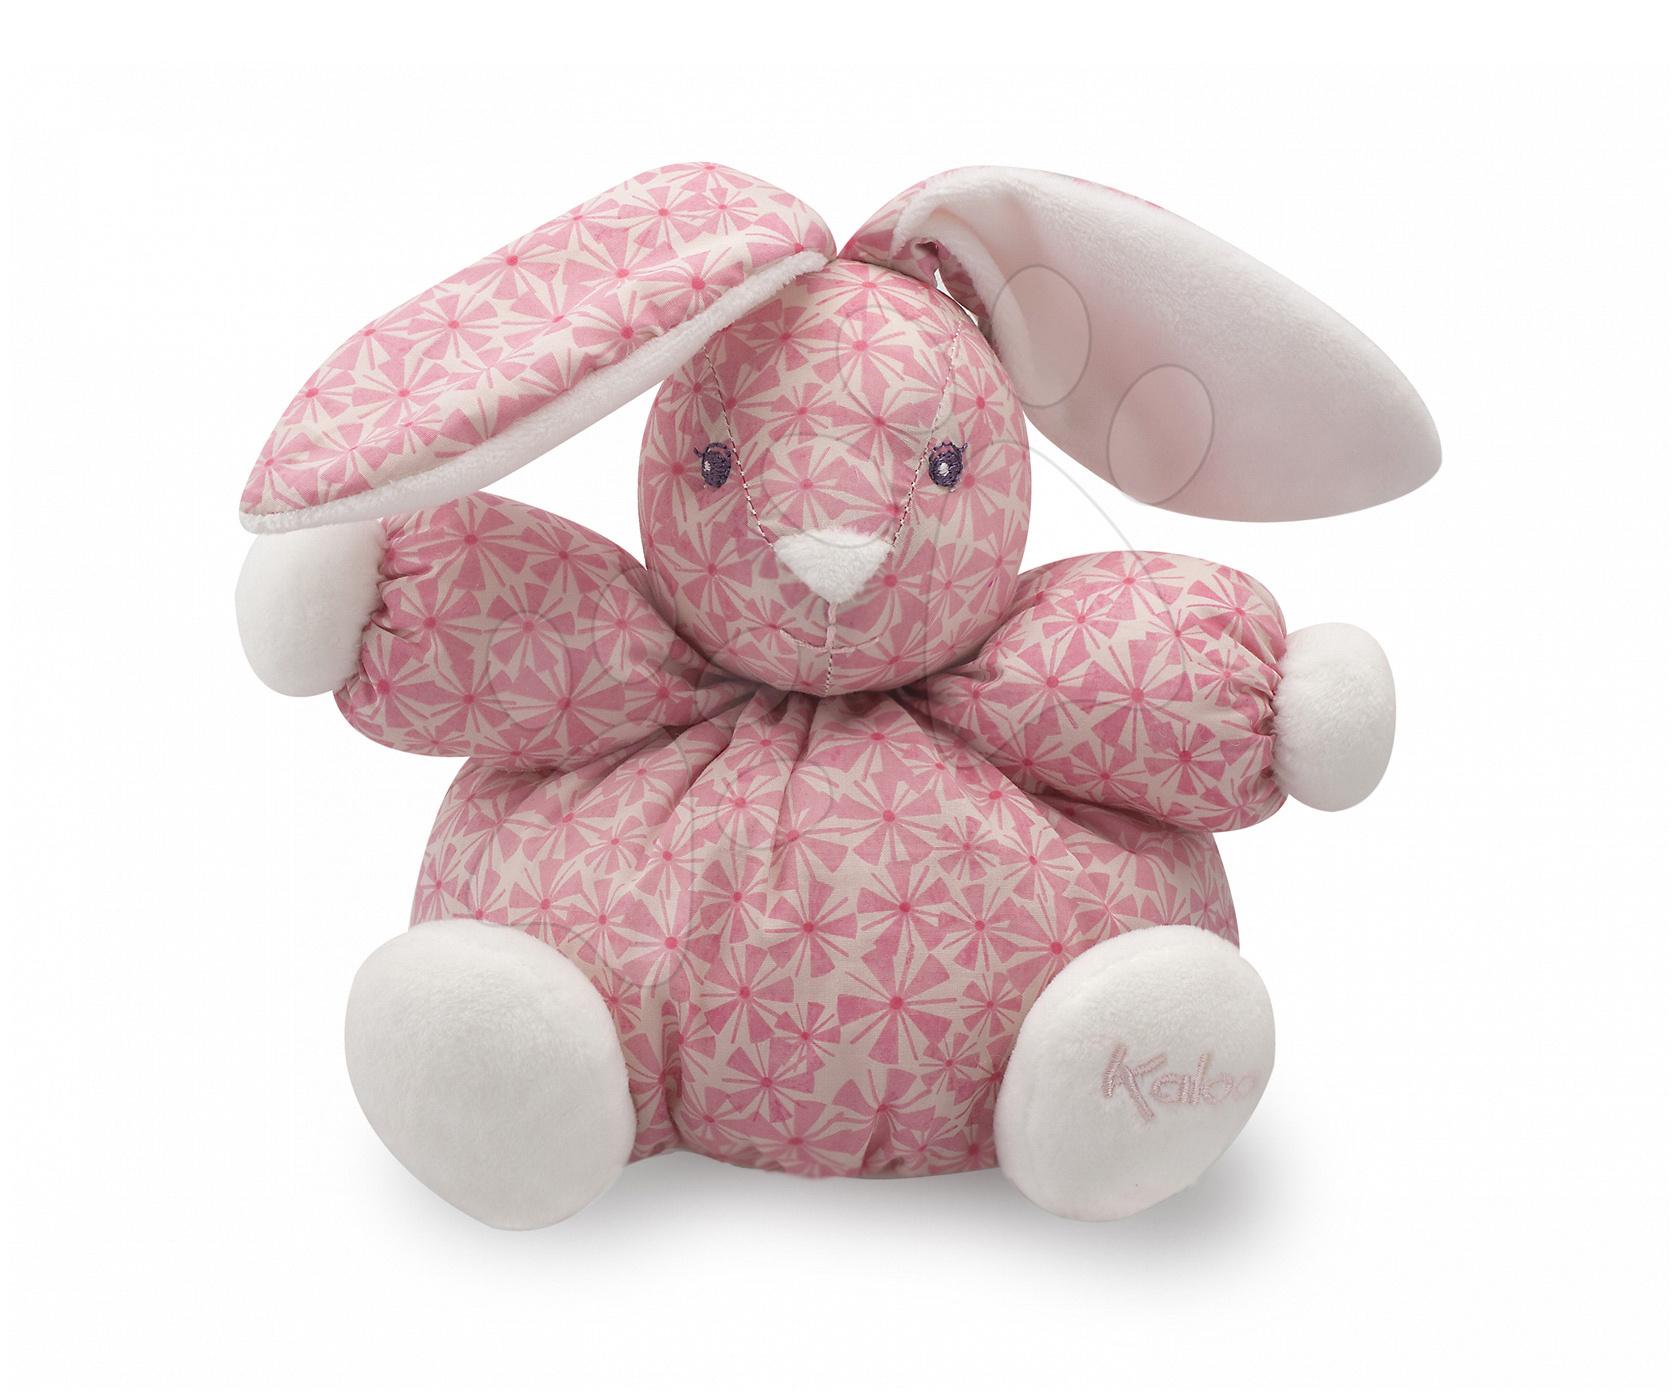 Hračky pre bábätká - Plyšový zajačik Petite Rose-Chubby Rabbit Kaloo 18 cm v darčekovom balení pre najmenších ružový